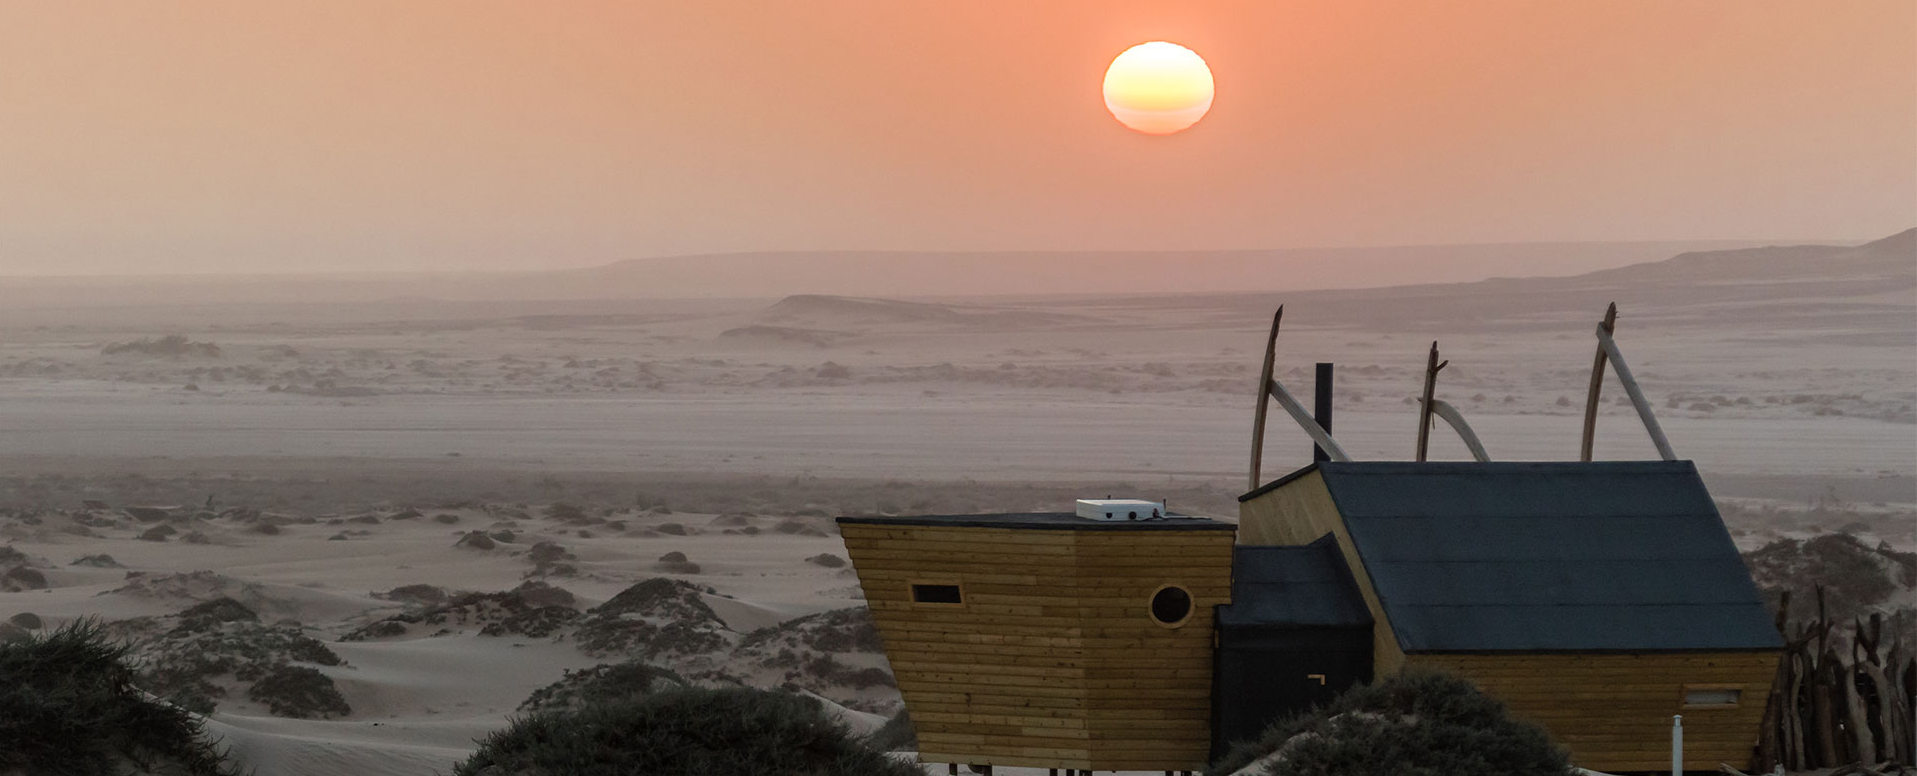 sunset-view-shipwreck-lodge